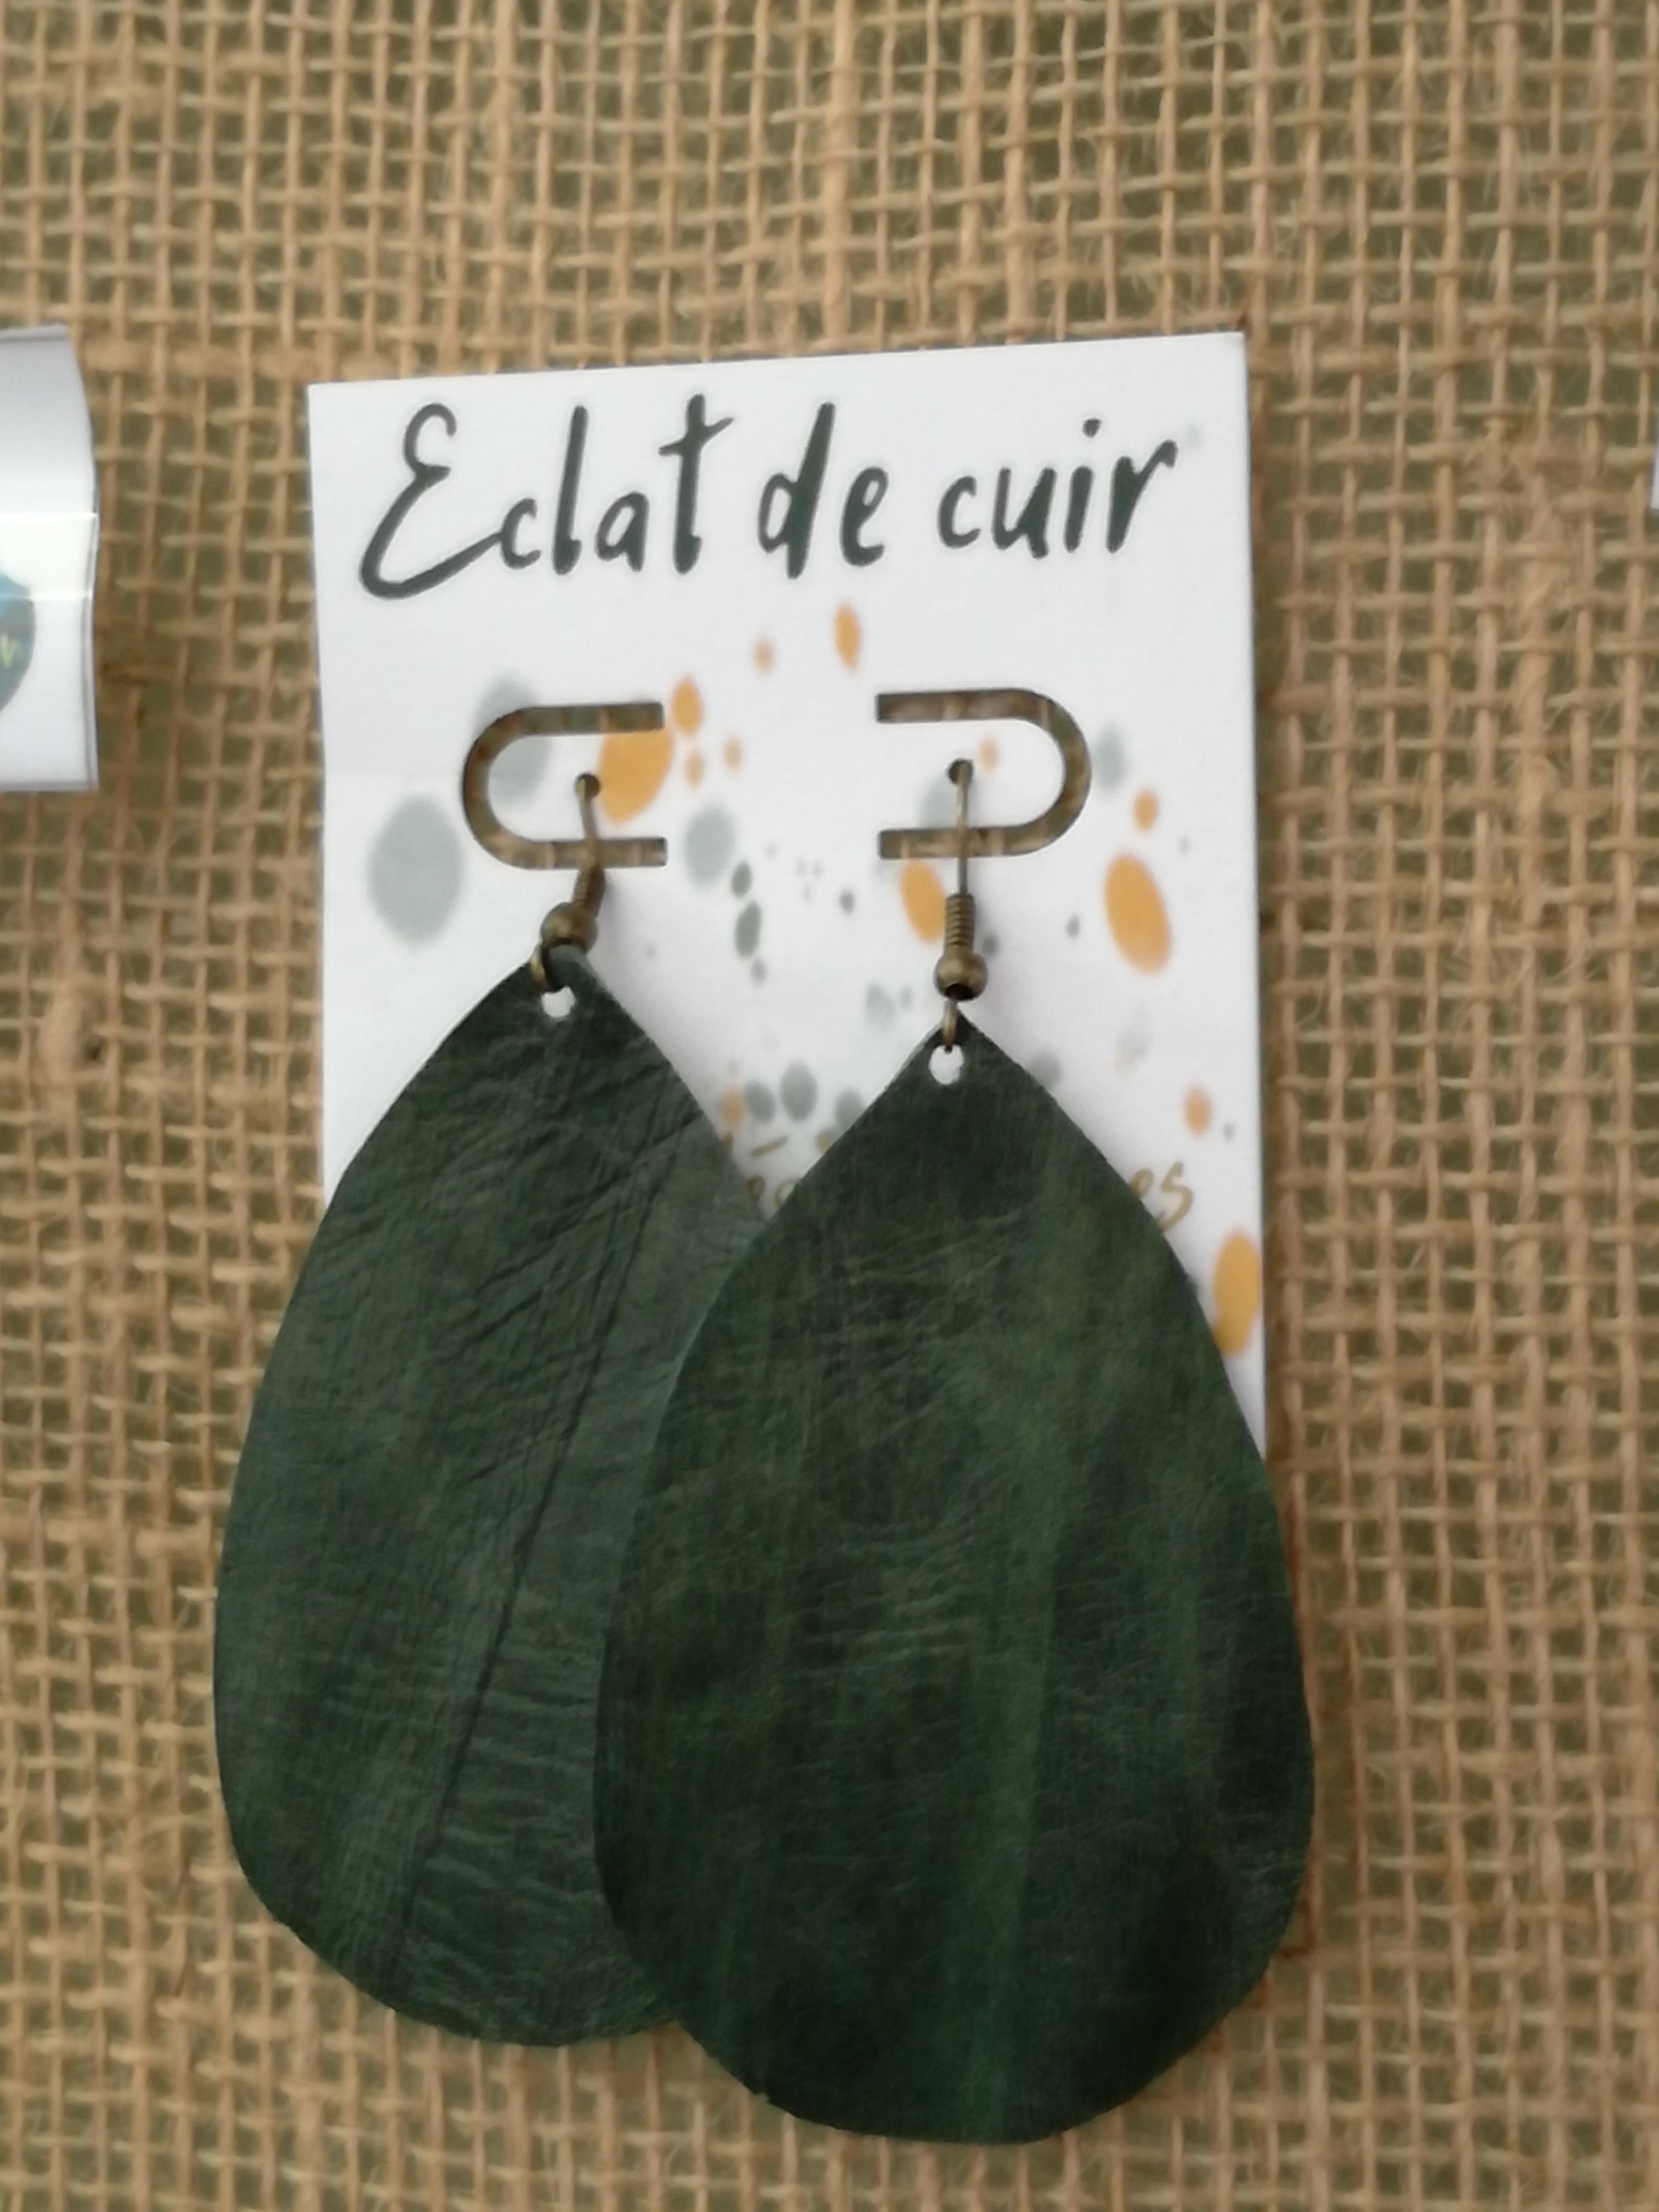 Eclat de cuir - Boucle oreilles